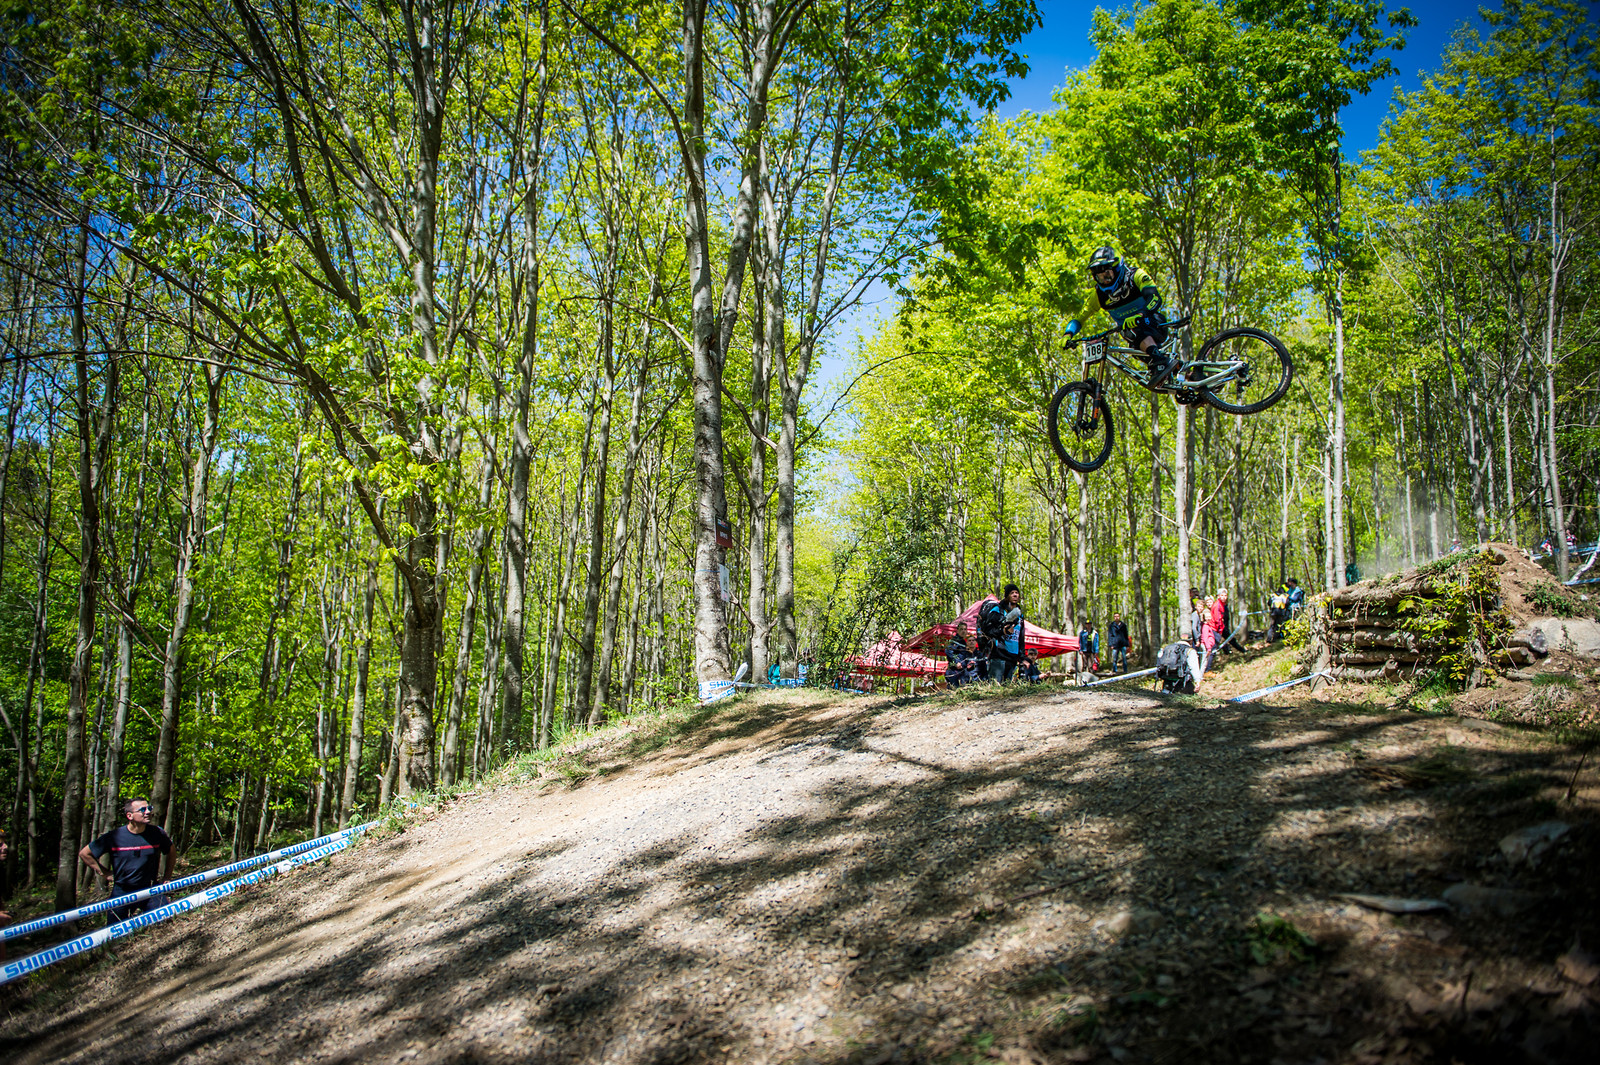 Jackson Frew - iceman2058 - Mountain Biking Pictures - Vital MTB